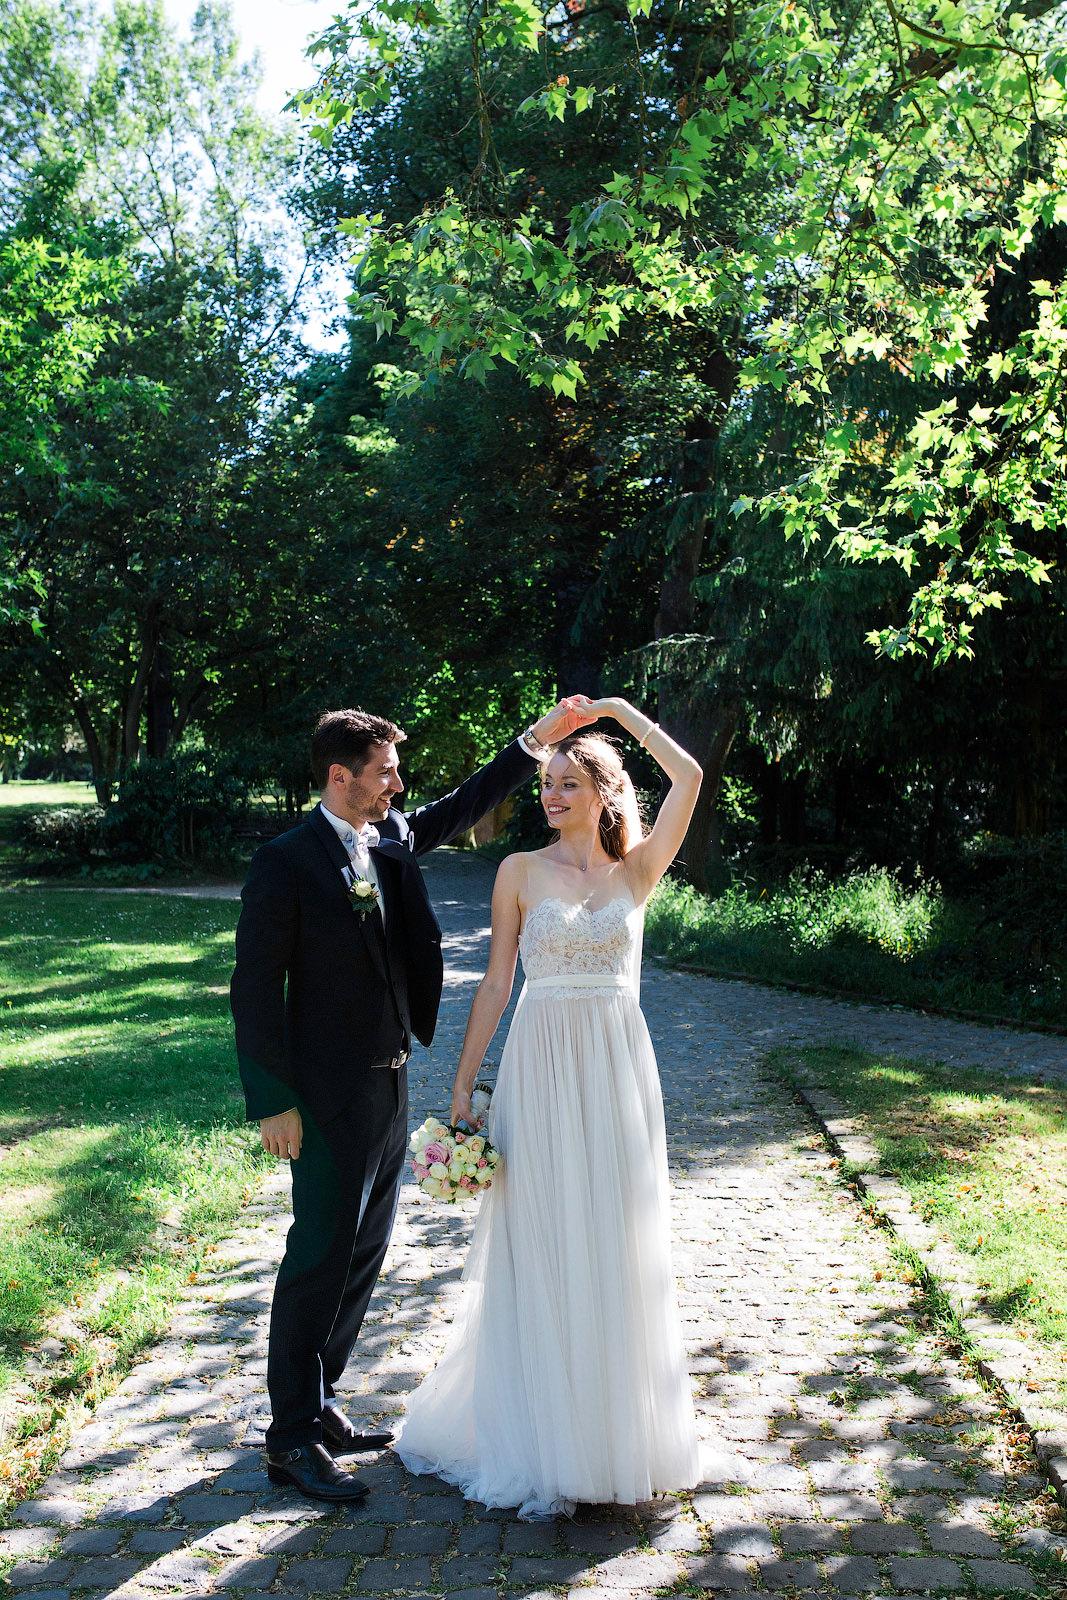 Wie Ihr Schone Paarfotos Bei Eurer Hochzeit Hinbekommt